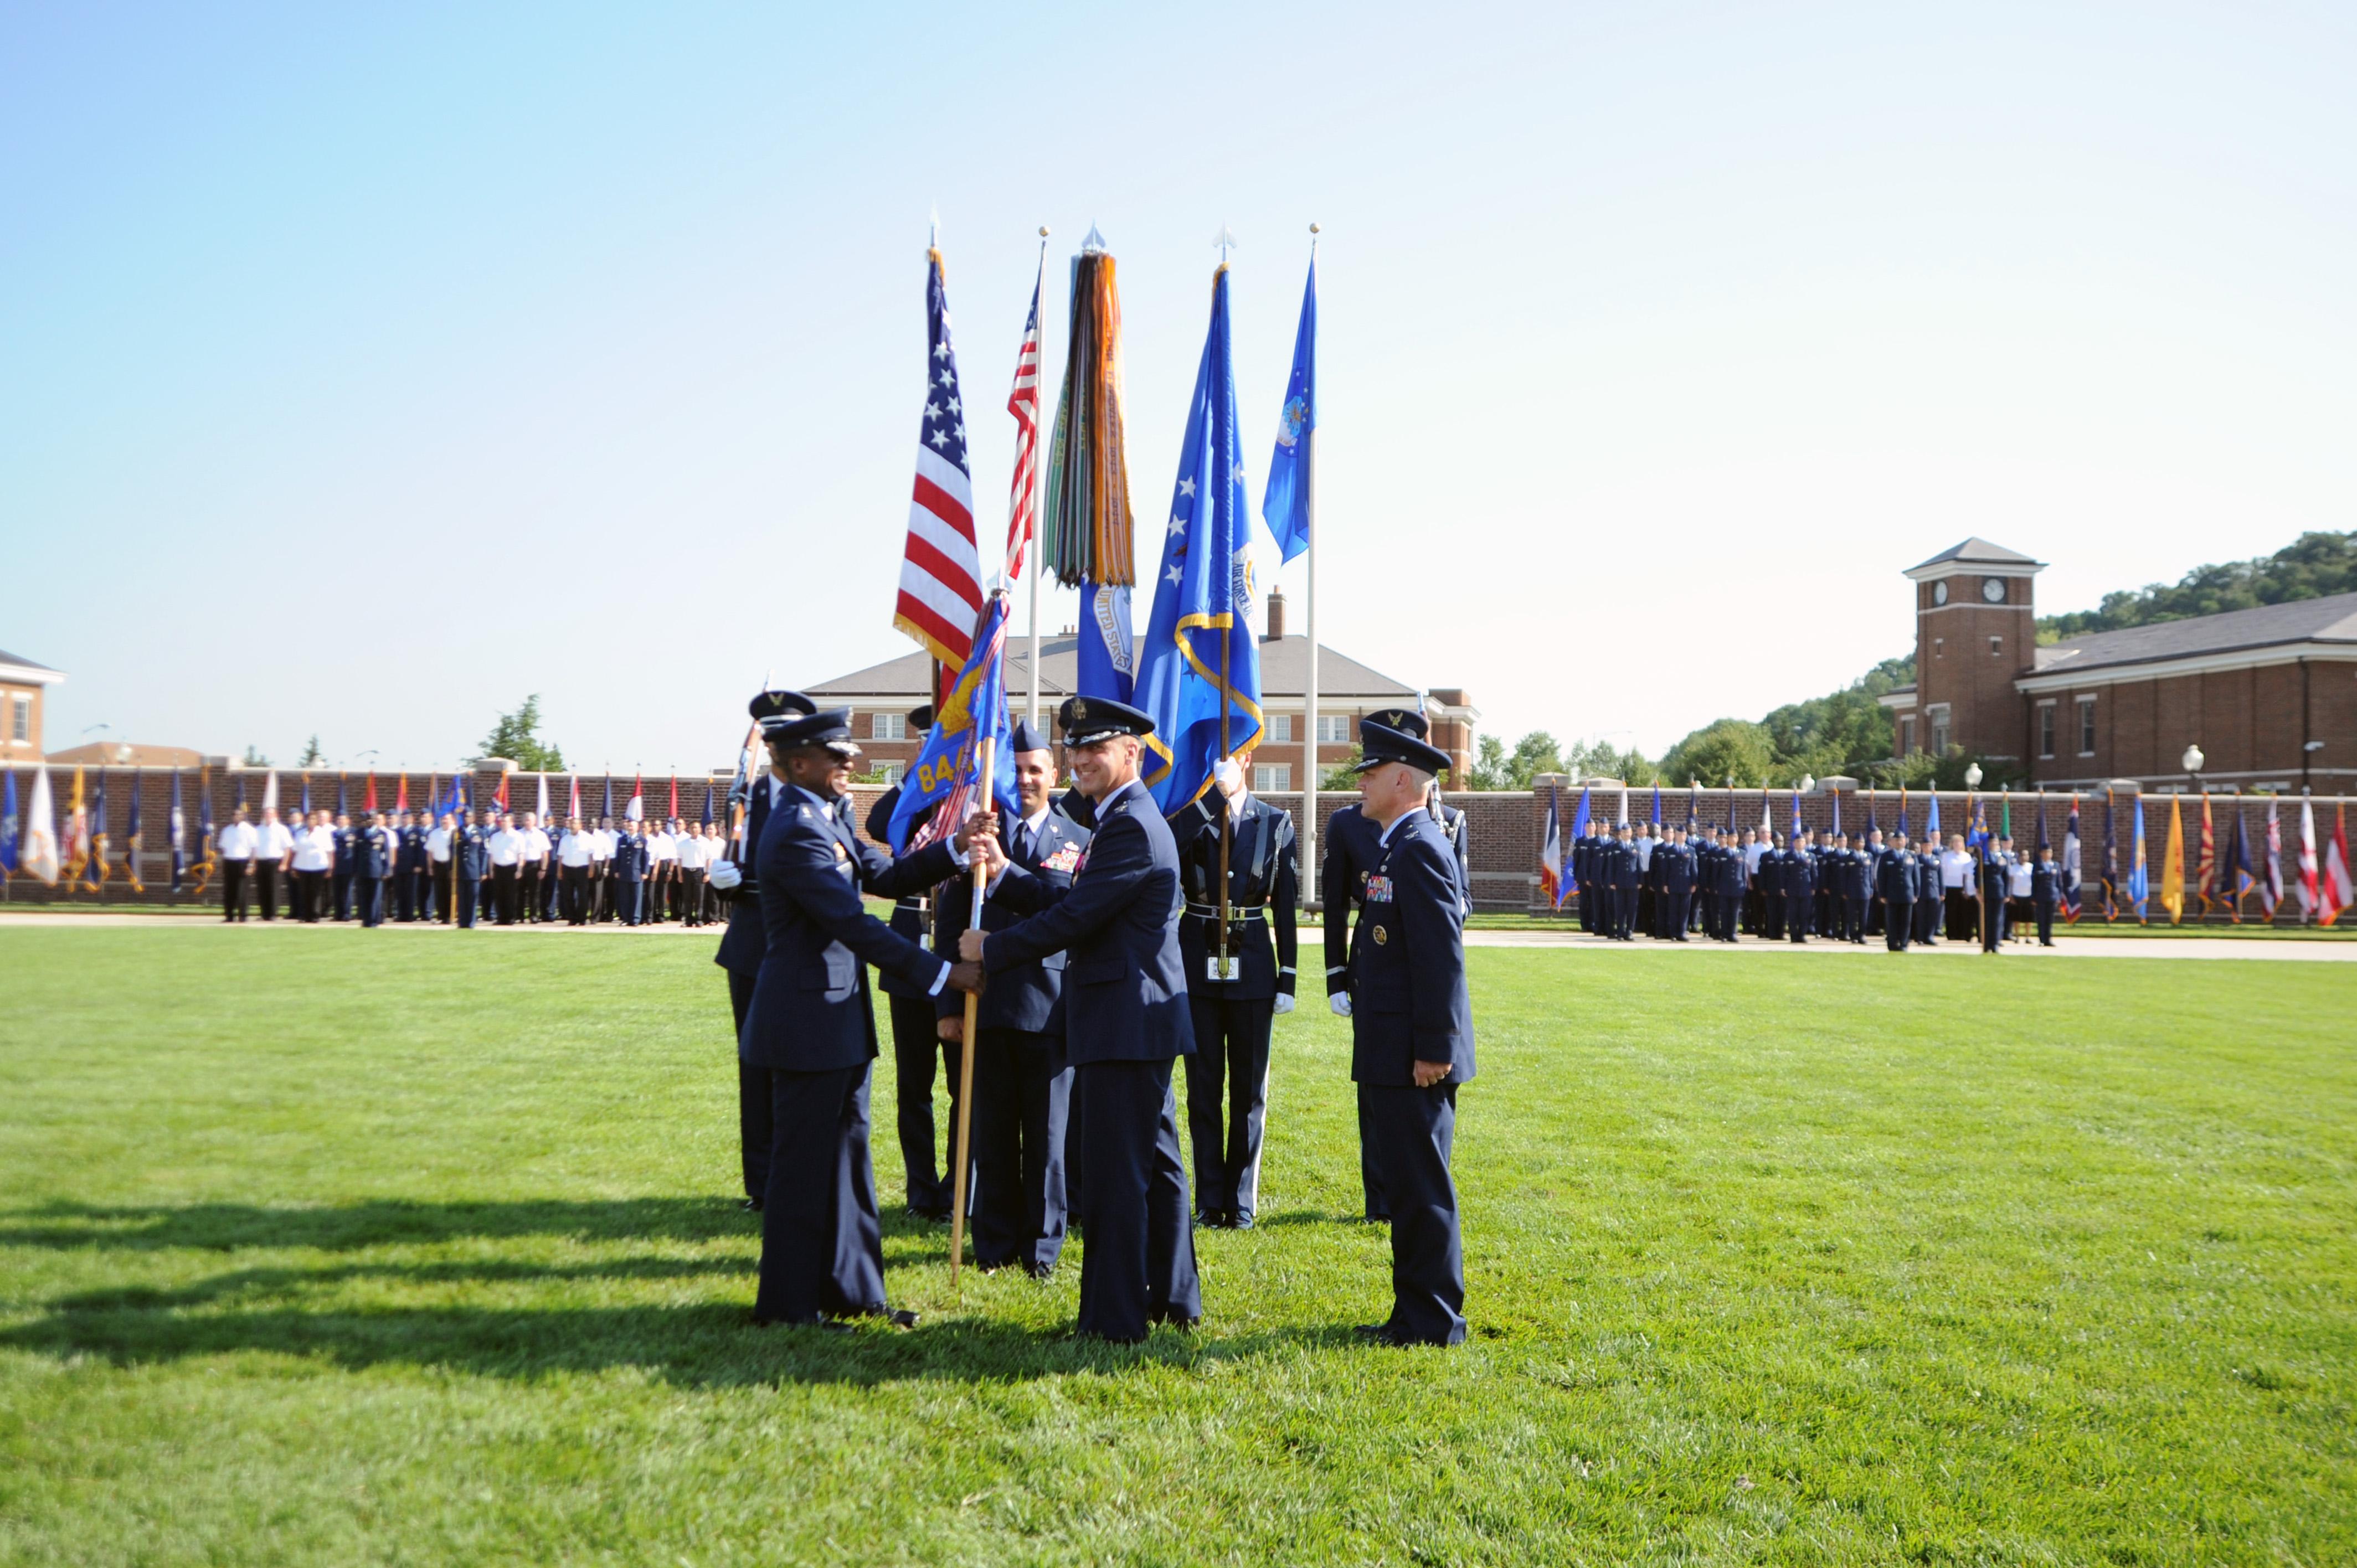 Служба в армии - билет на дорогие вечеринки Вашингтона